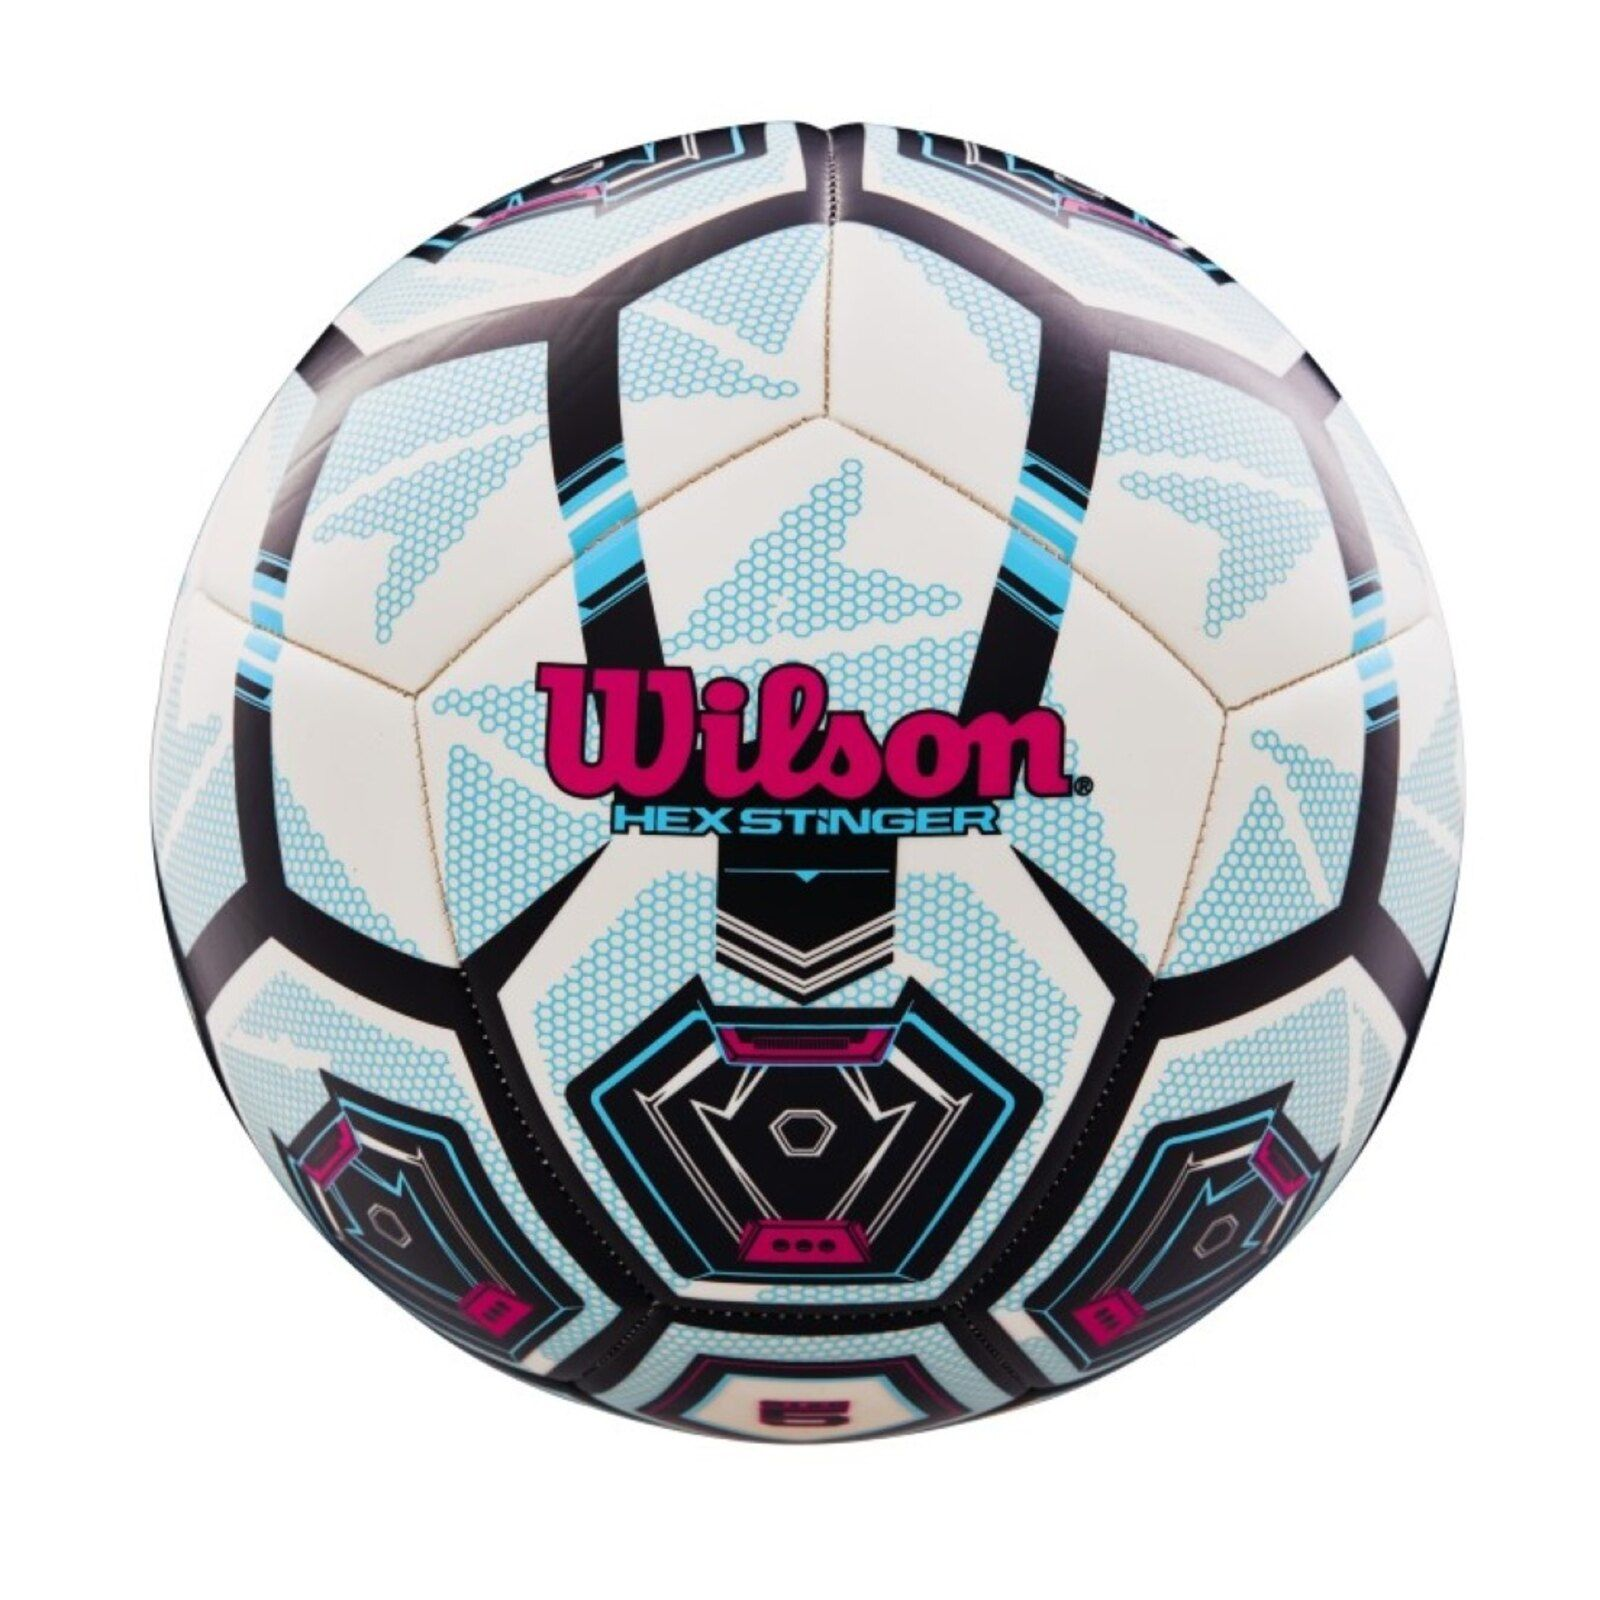 Bola De Futebol Wilson Hex Stringer Branco Em 2020 Futebol E